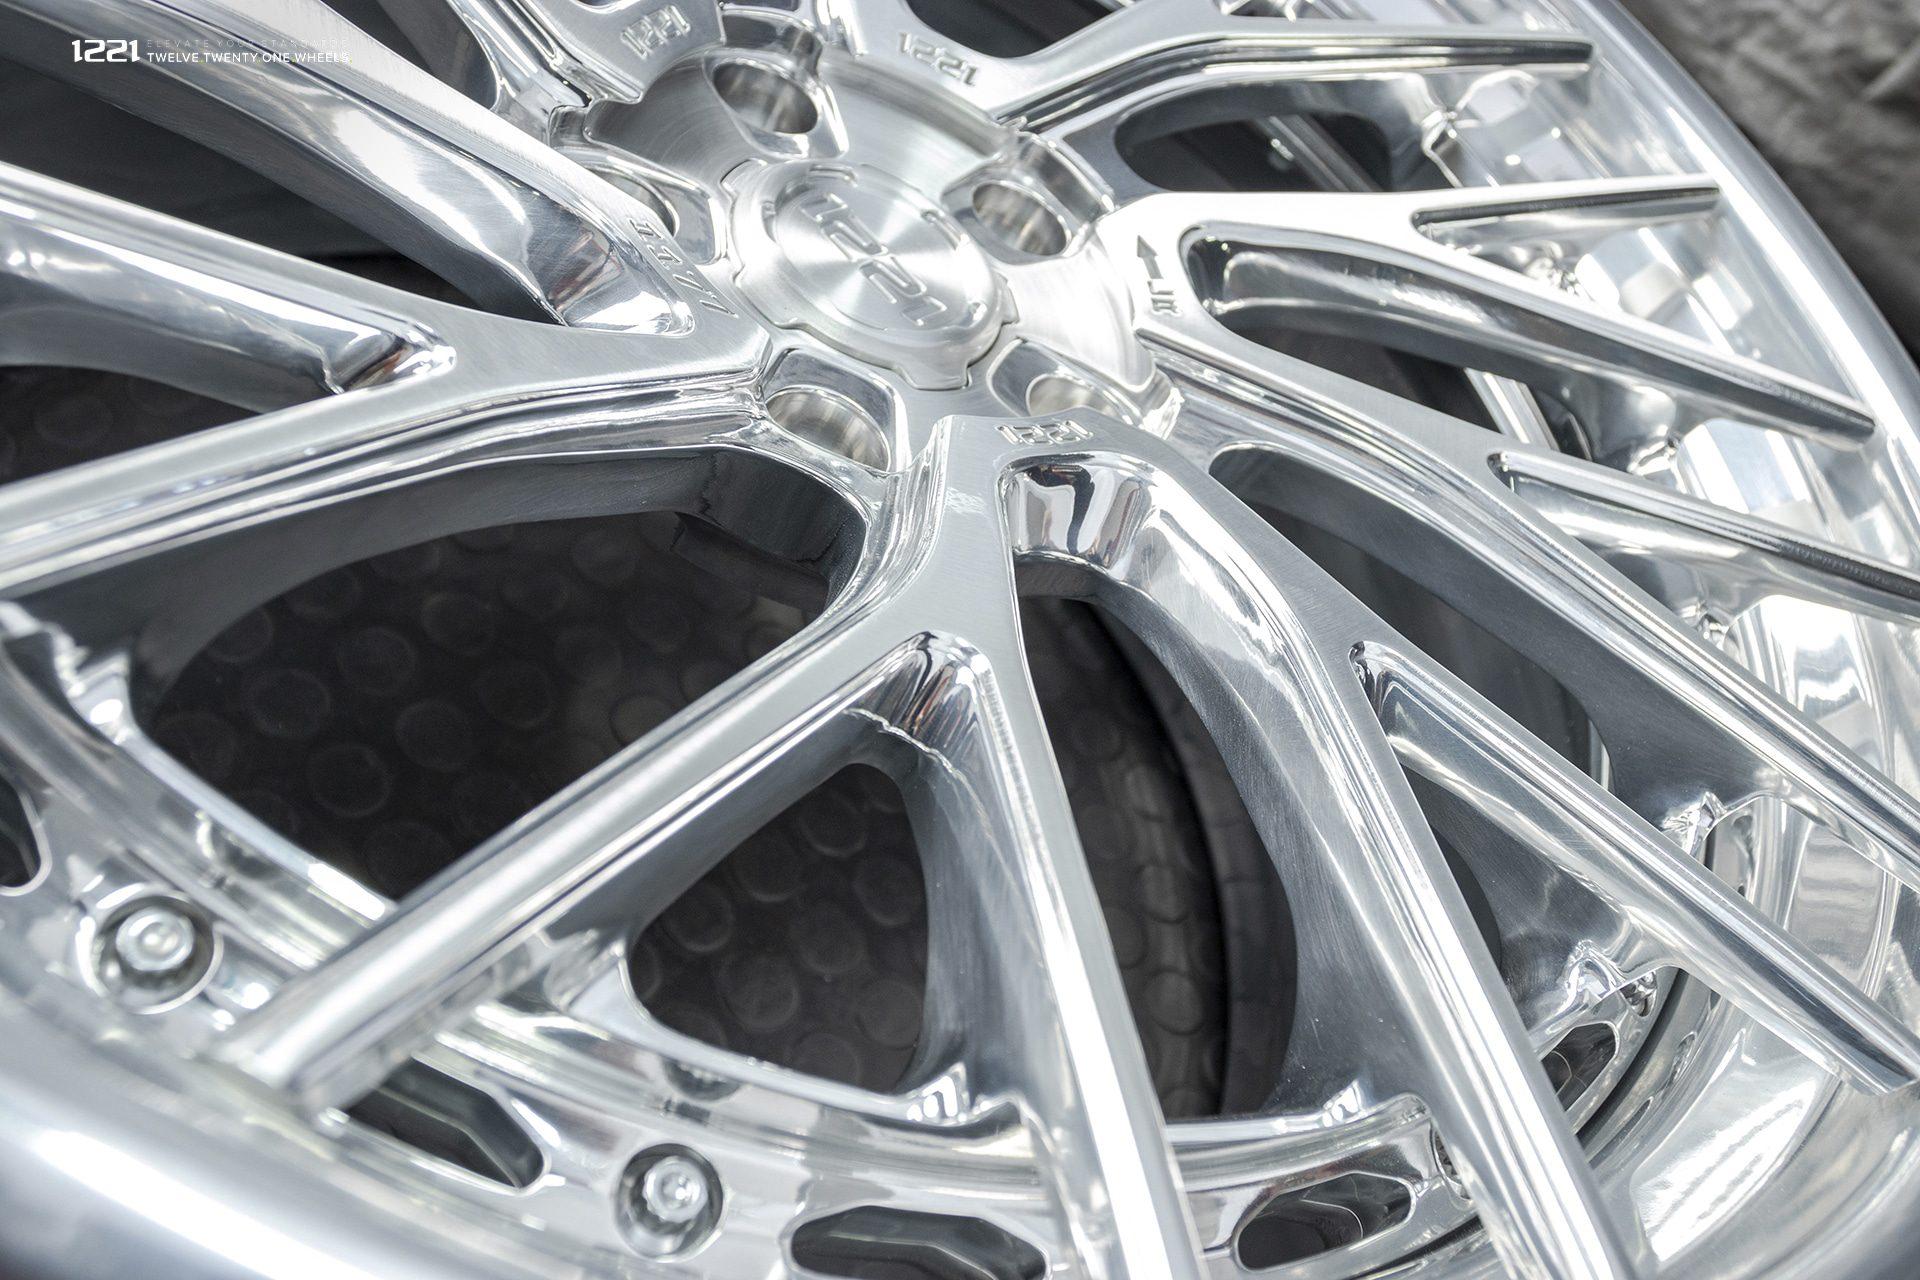 1221 brushed polished finish wheel